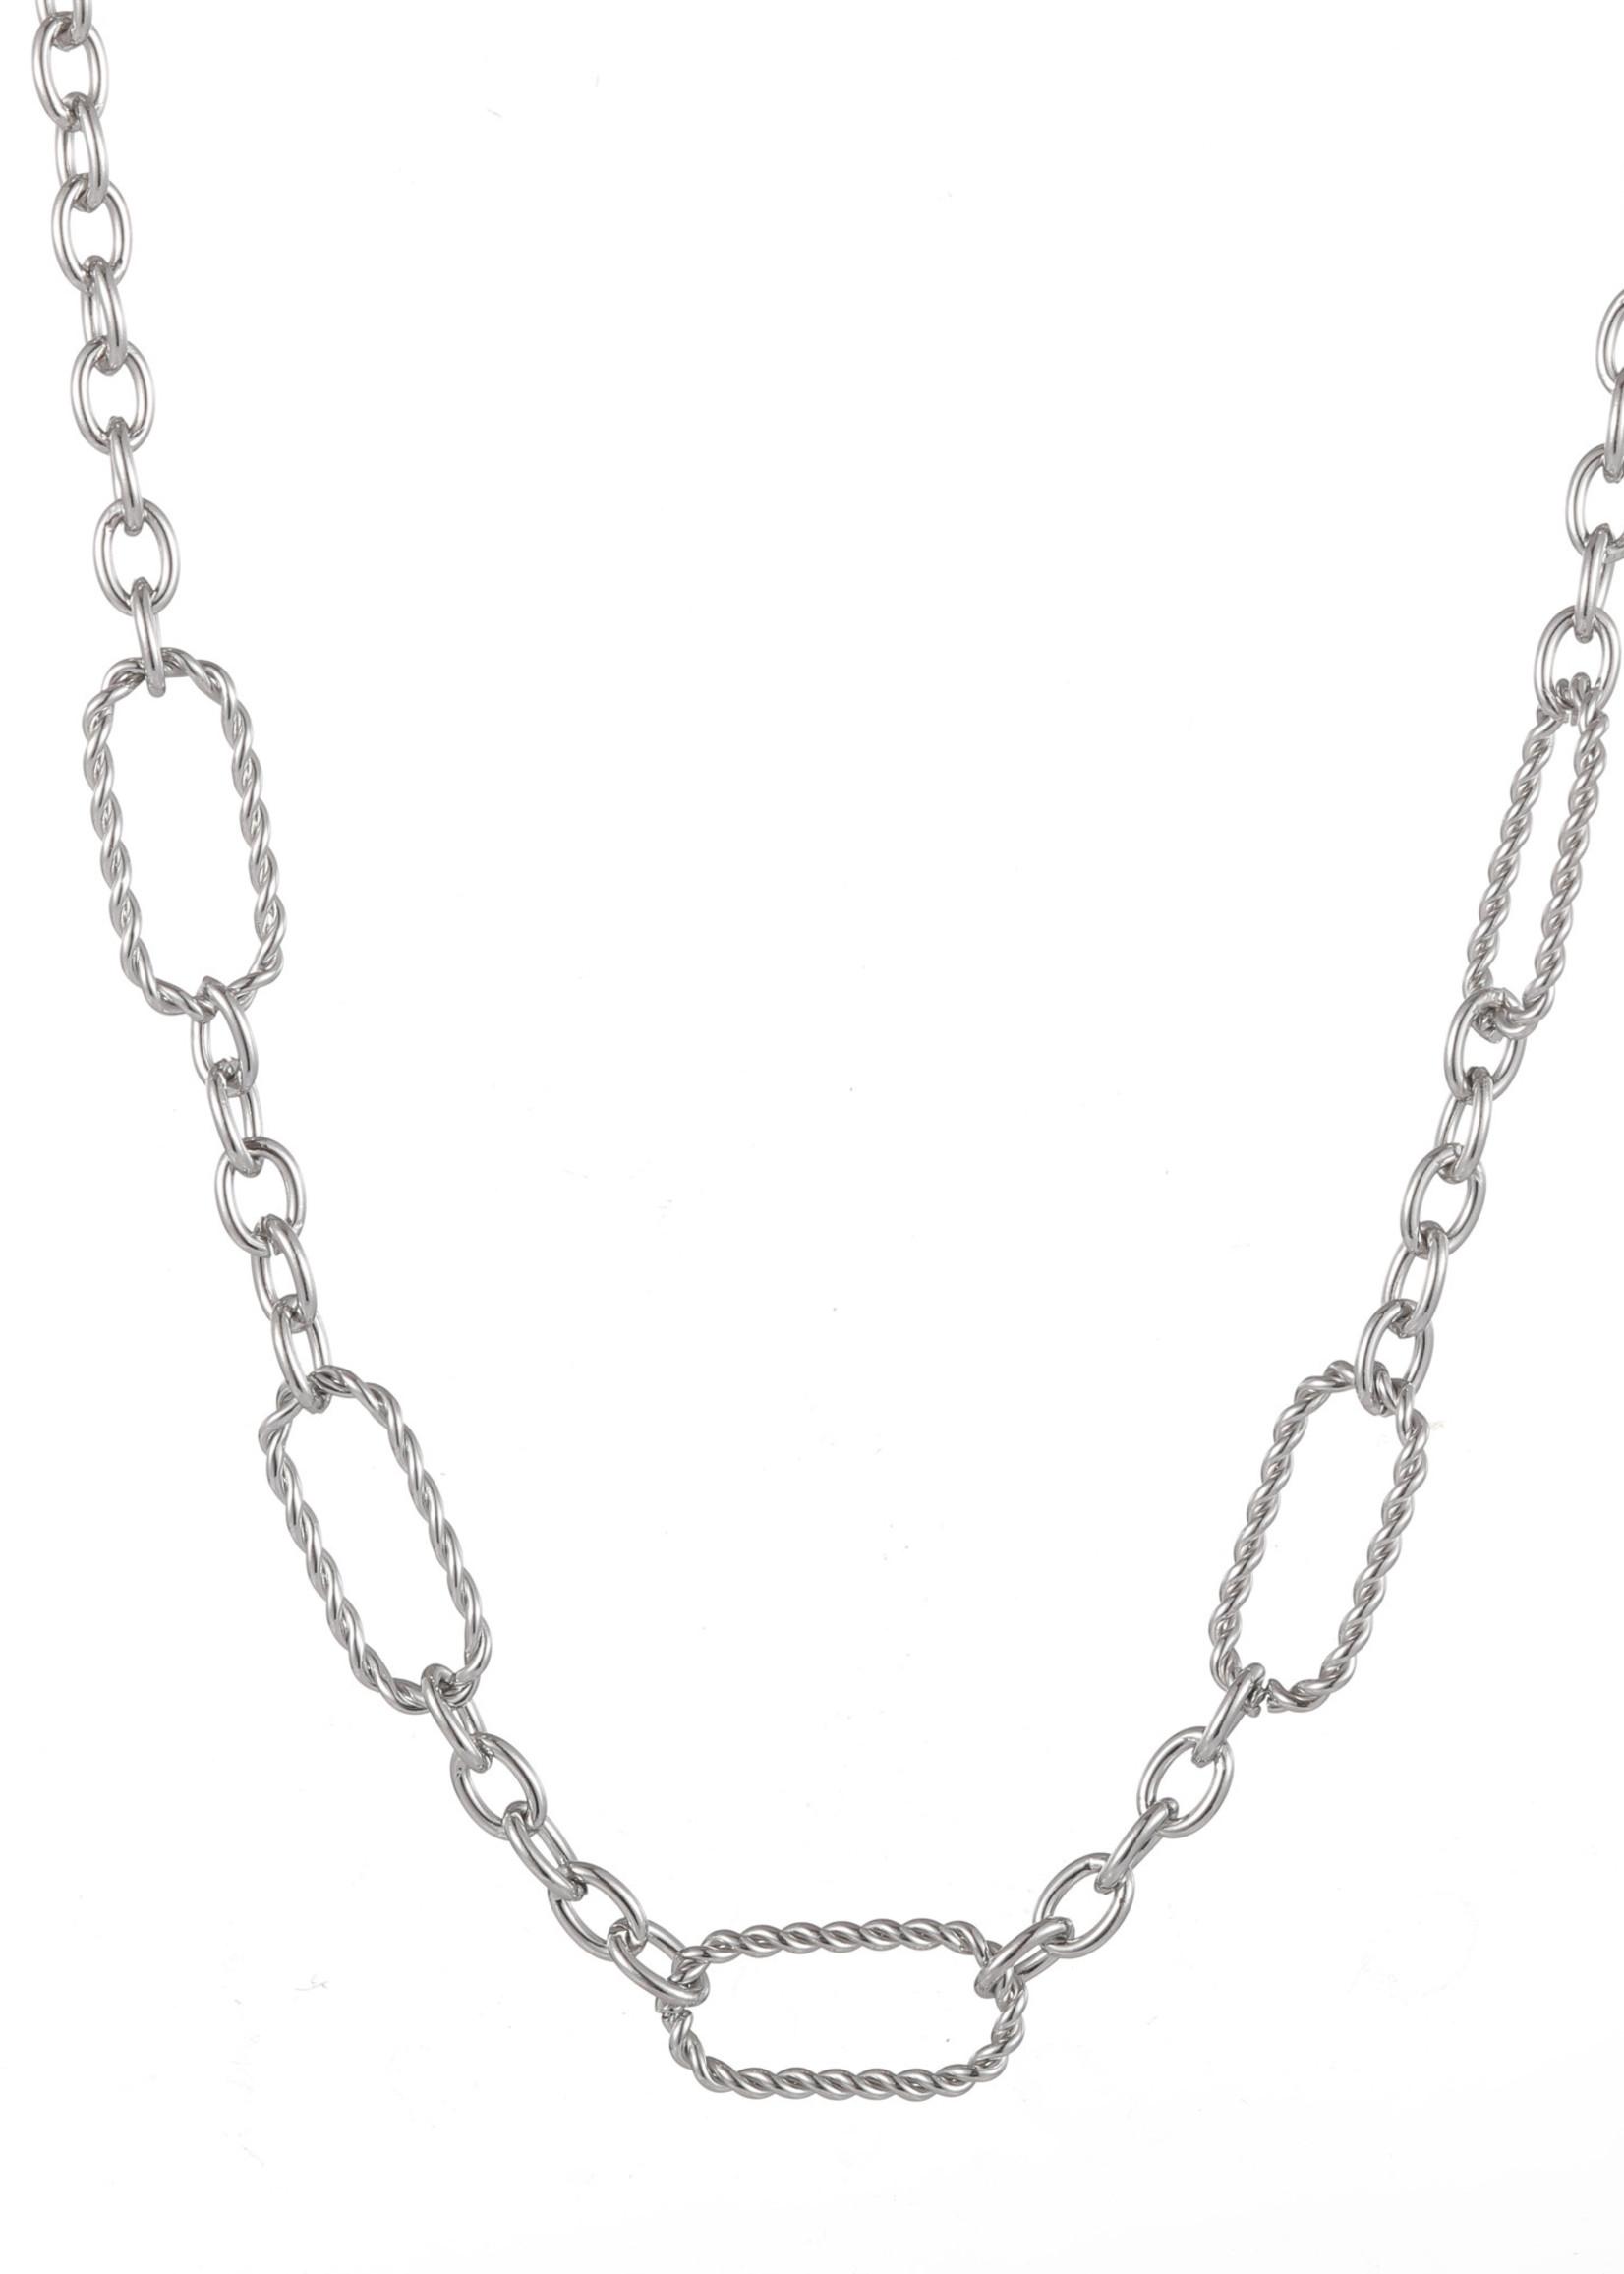 Ketting zilver met verschillende schakels N1709-1